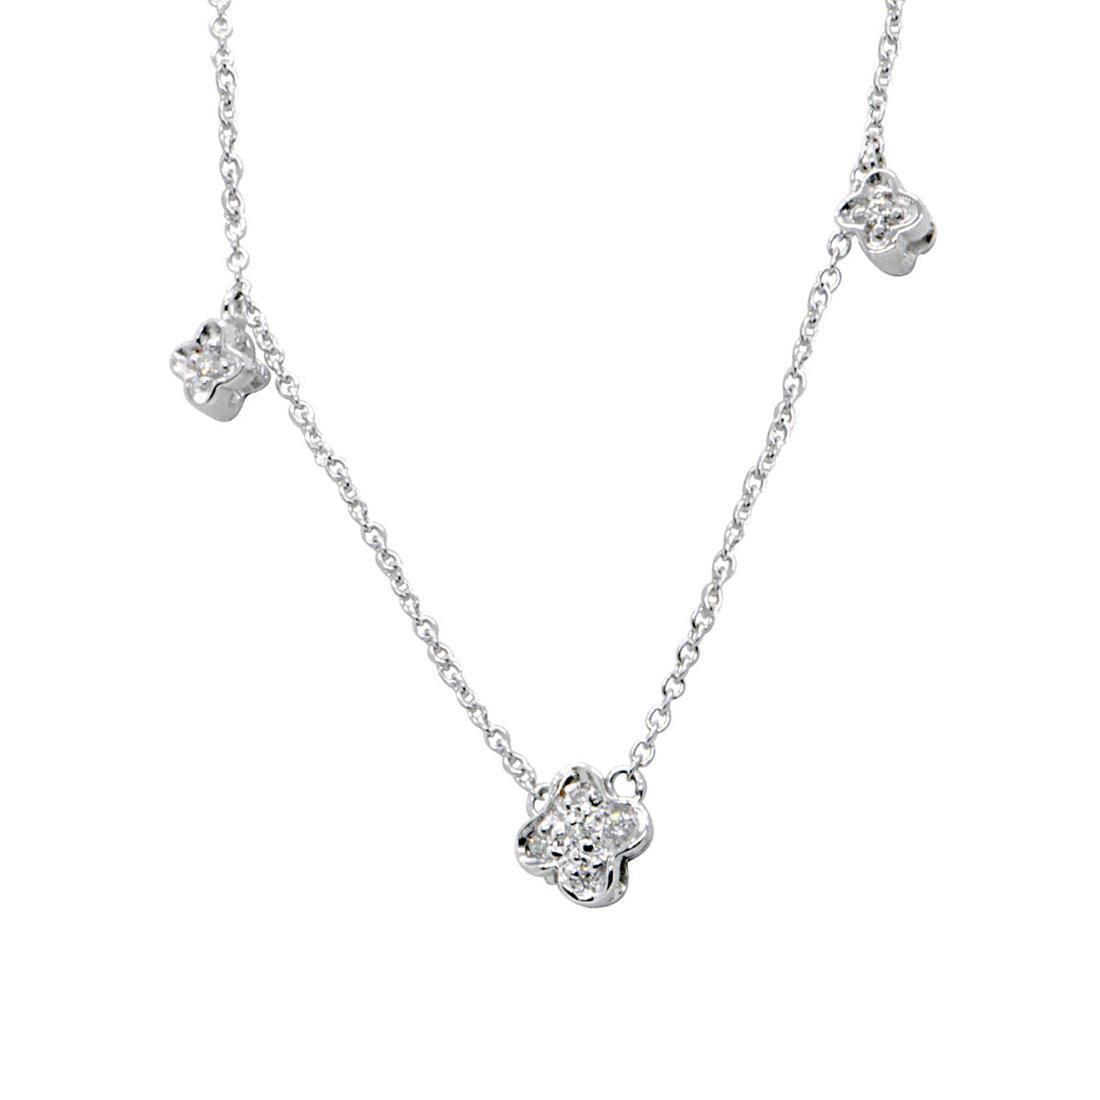 Collana Alfieri & St john e diamanti ct 0,05 - ALFIERI ST JOHN